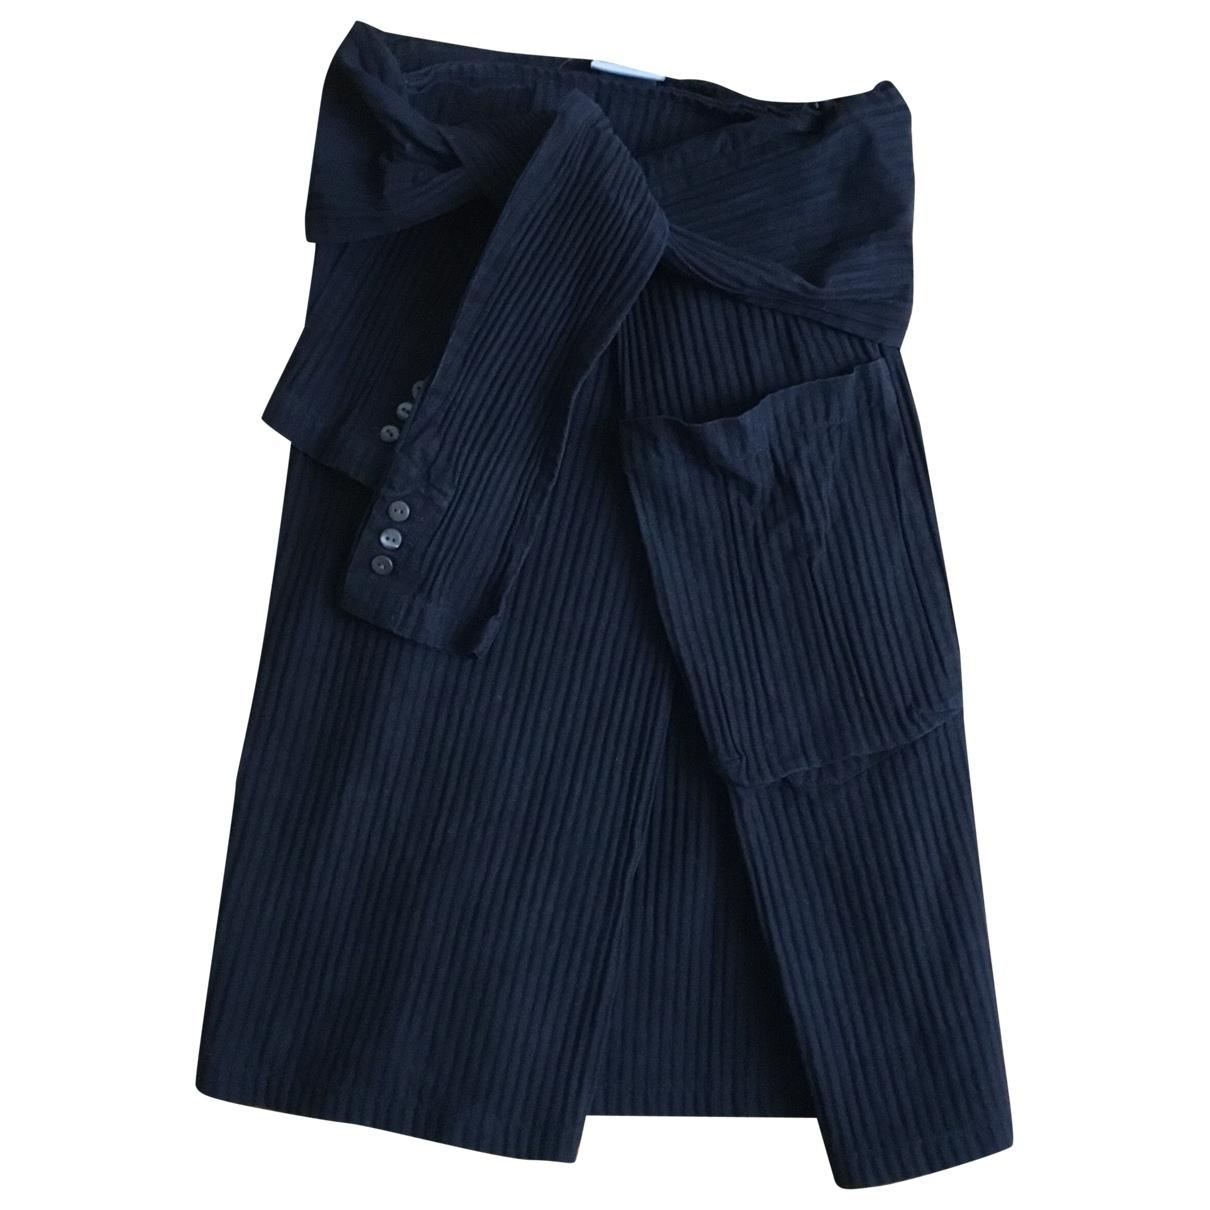 Dries Van Noten - Jupe   pour femme en coton - noir